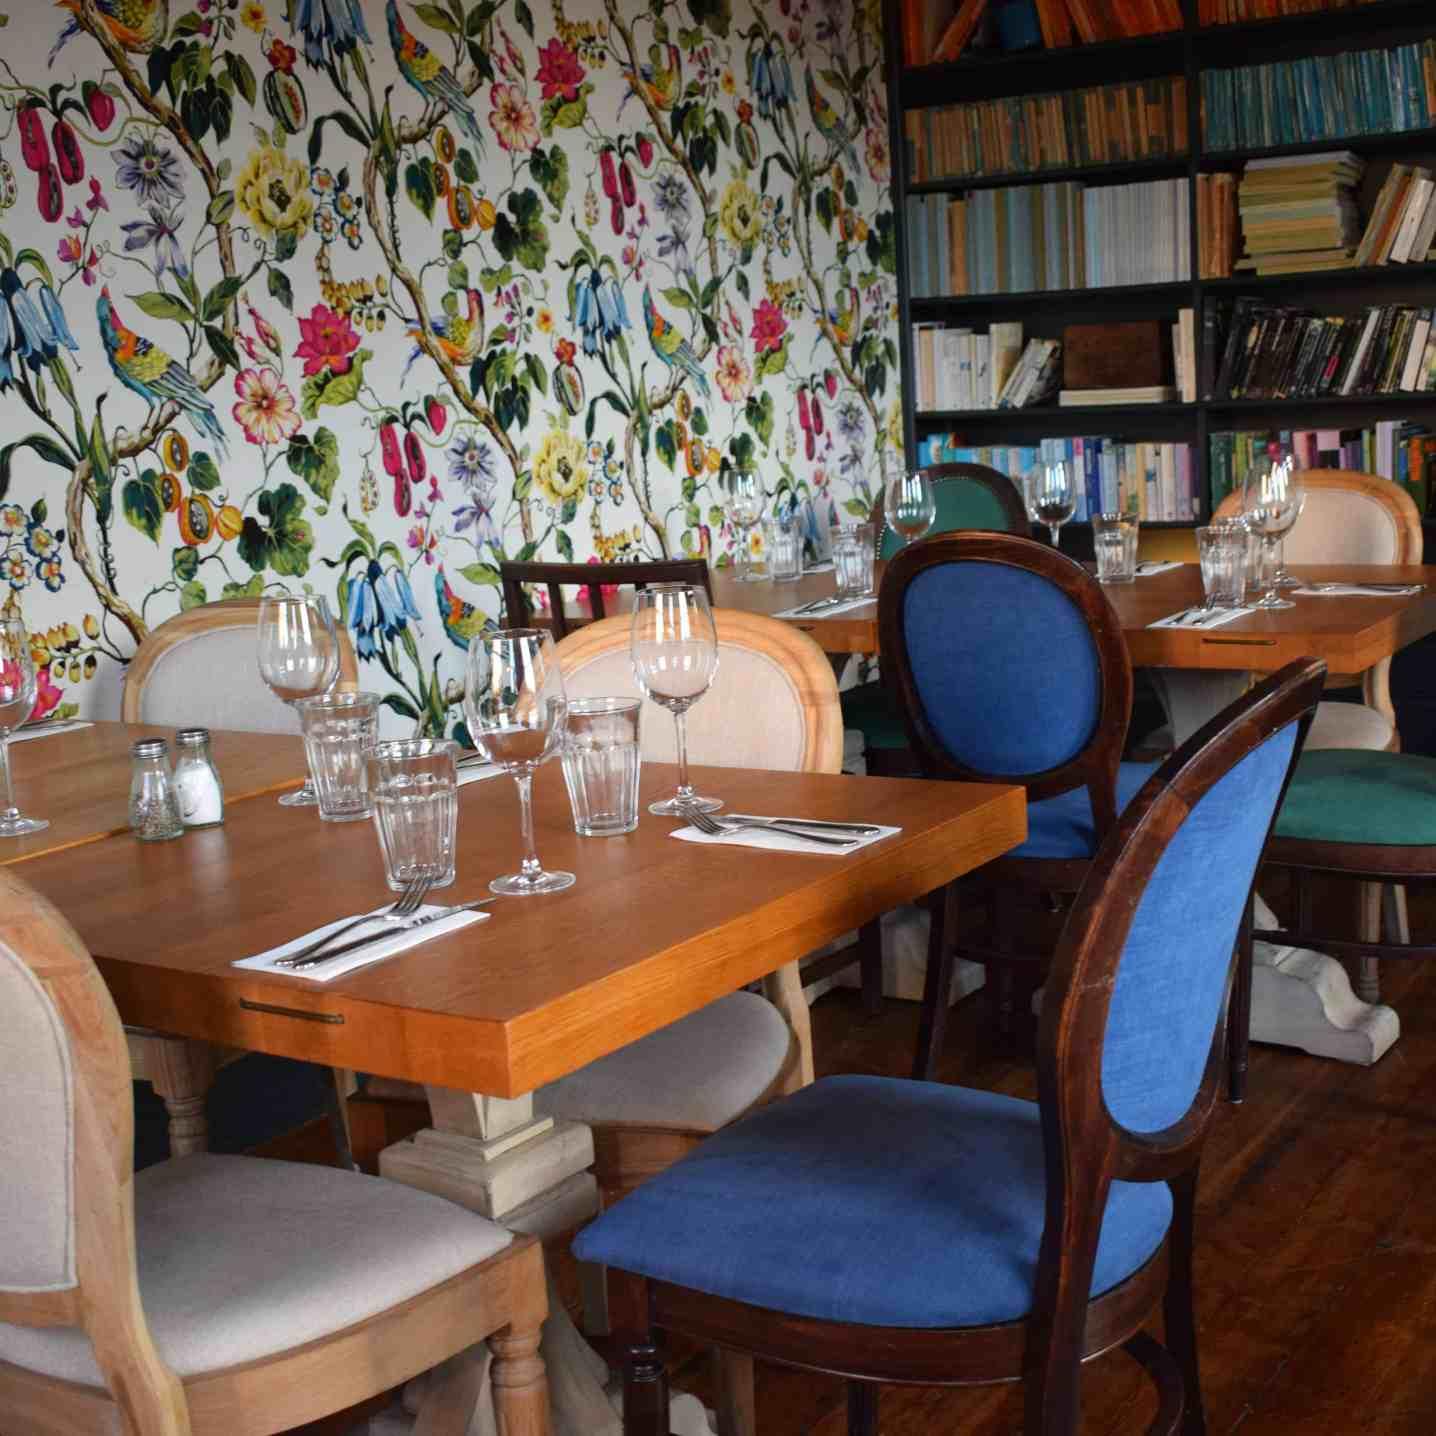 Restaurant in East London